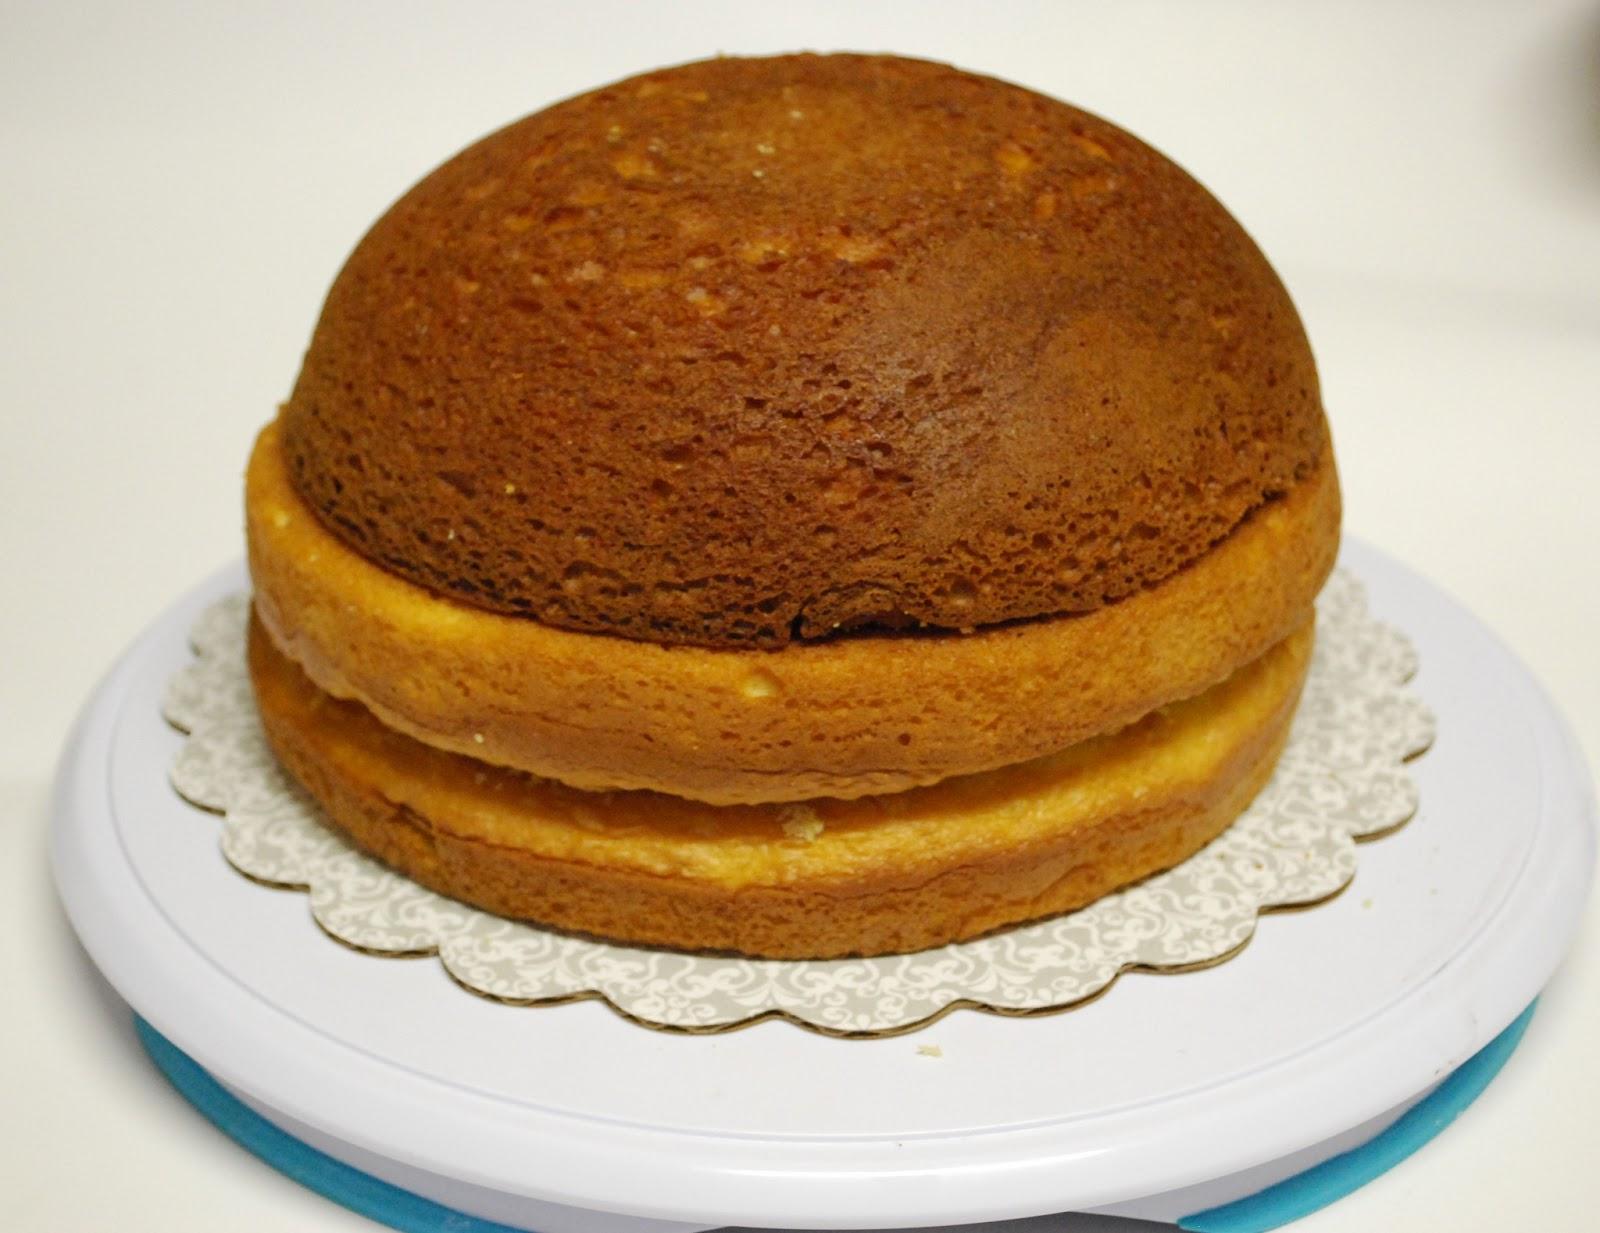 Can Bake Cake In Pyrex Bowl